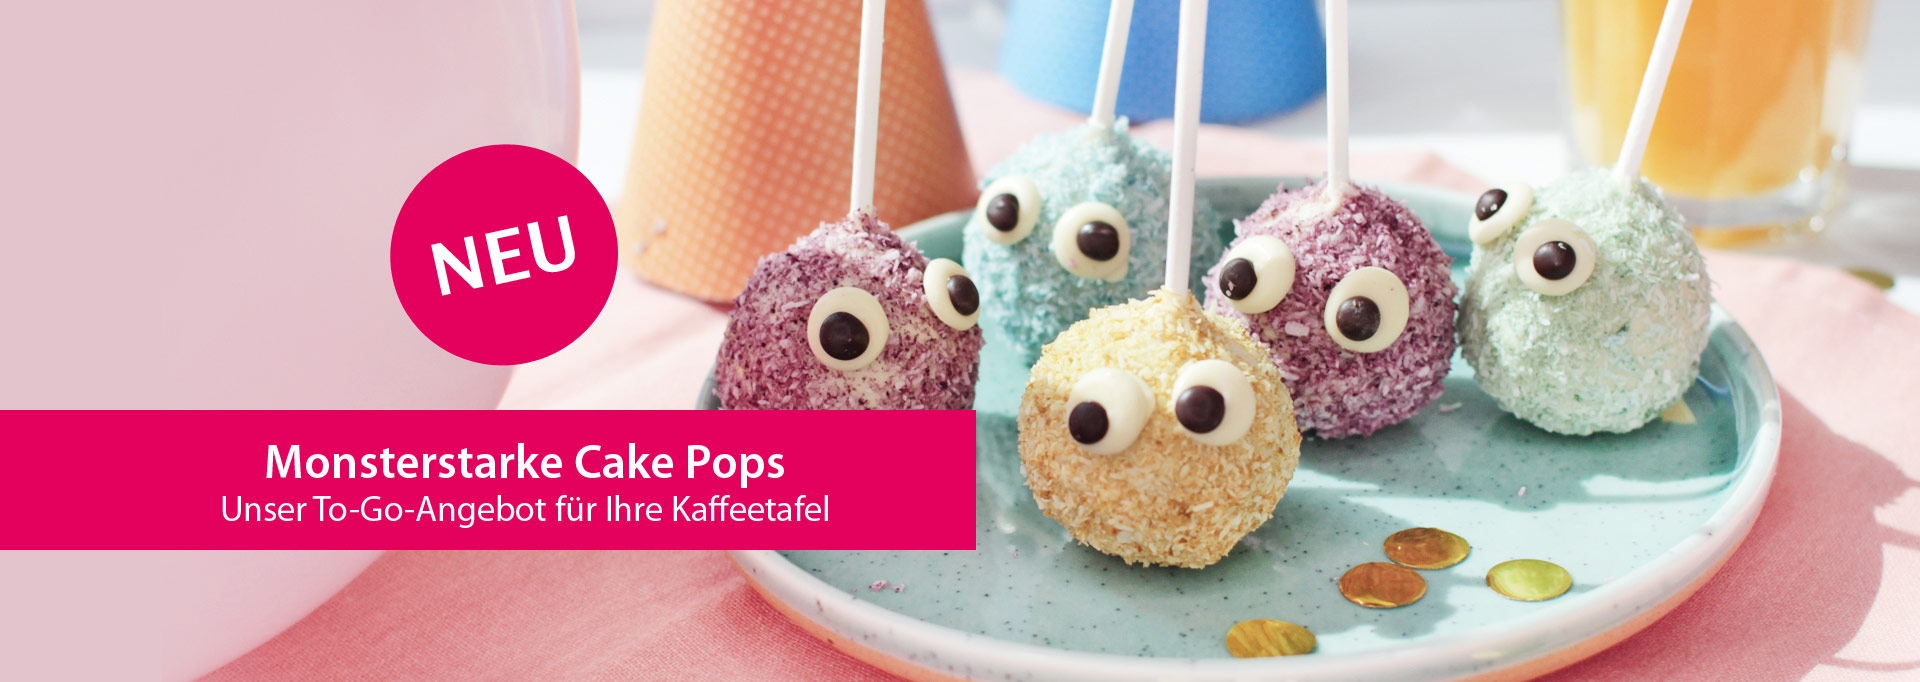 Viba Monster Cake Pops - kleine, bunte Kuchen am Stil für Kinder auf einem Teller